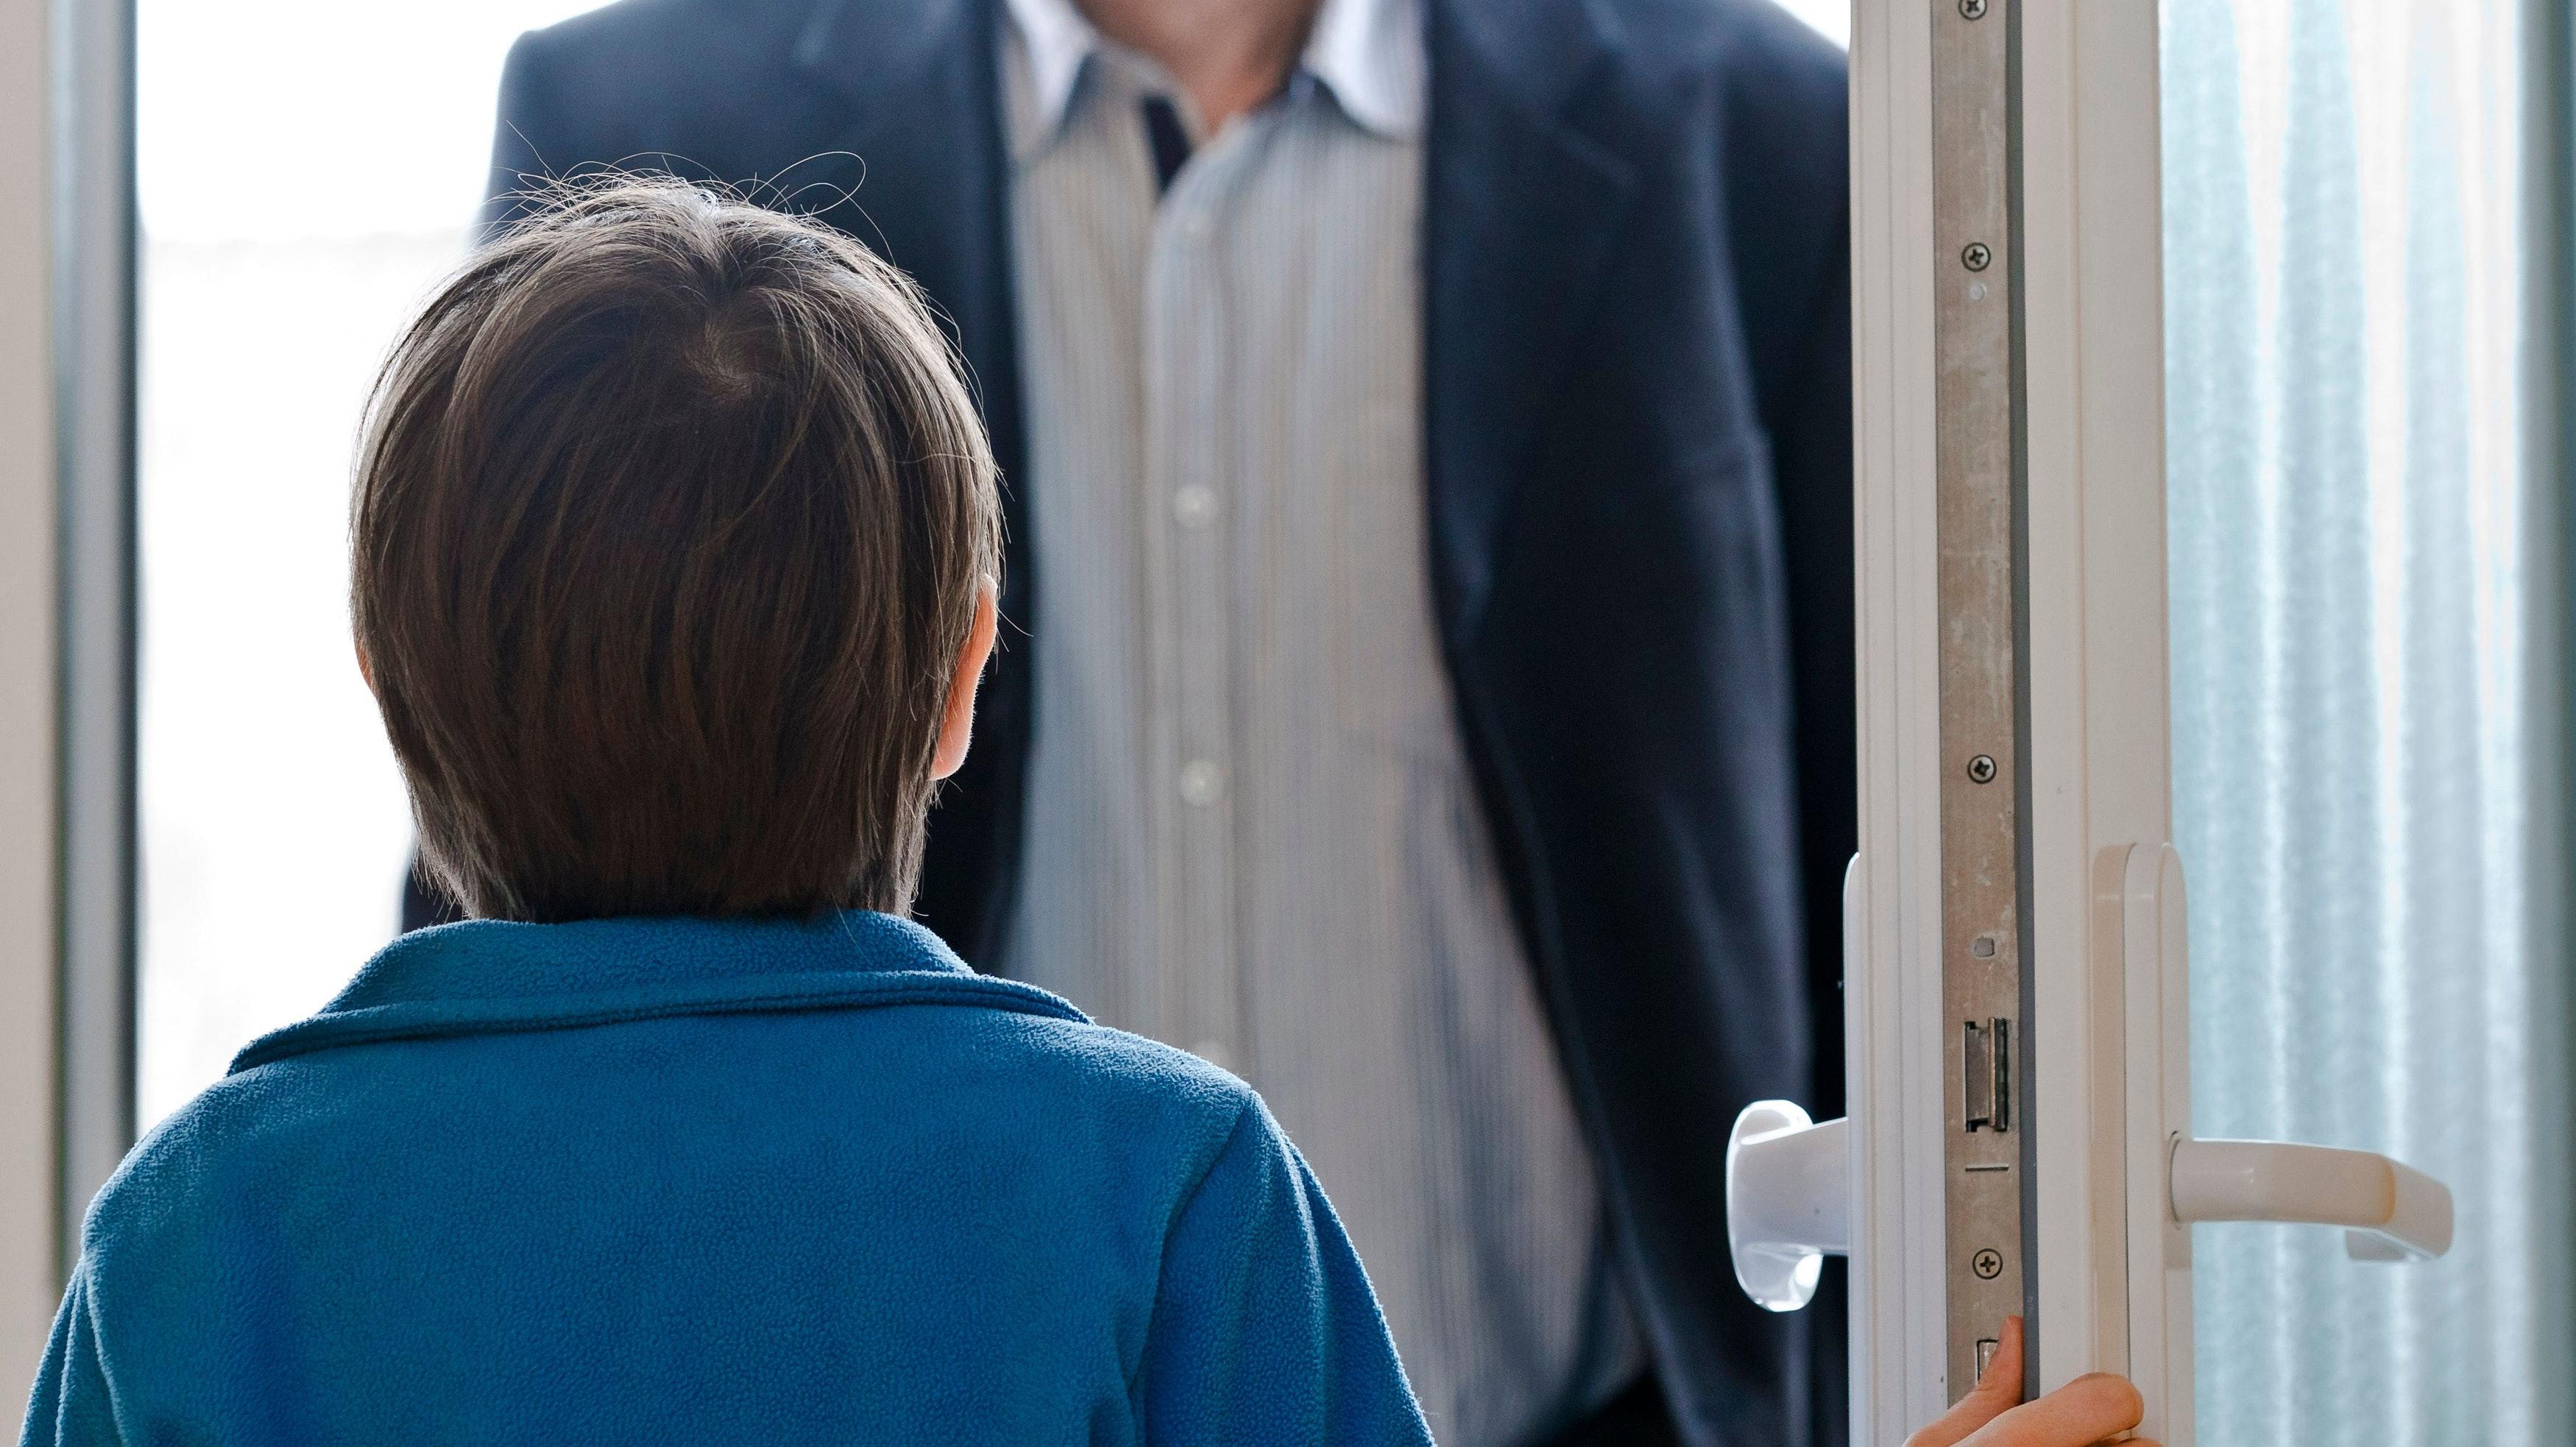 Bei Verdacht von Kindeswohlgefährdung: Die Institutionen arbeiten eng mit dem Jugendamt zusammen. Symbolfoto: dpa/Scholz